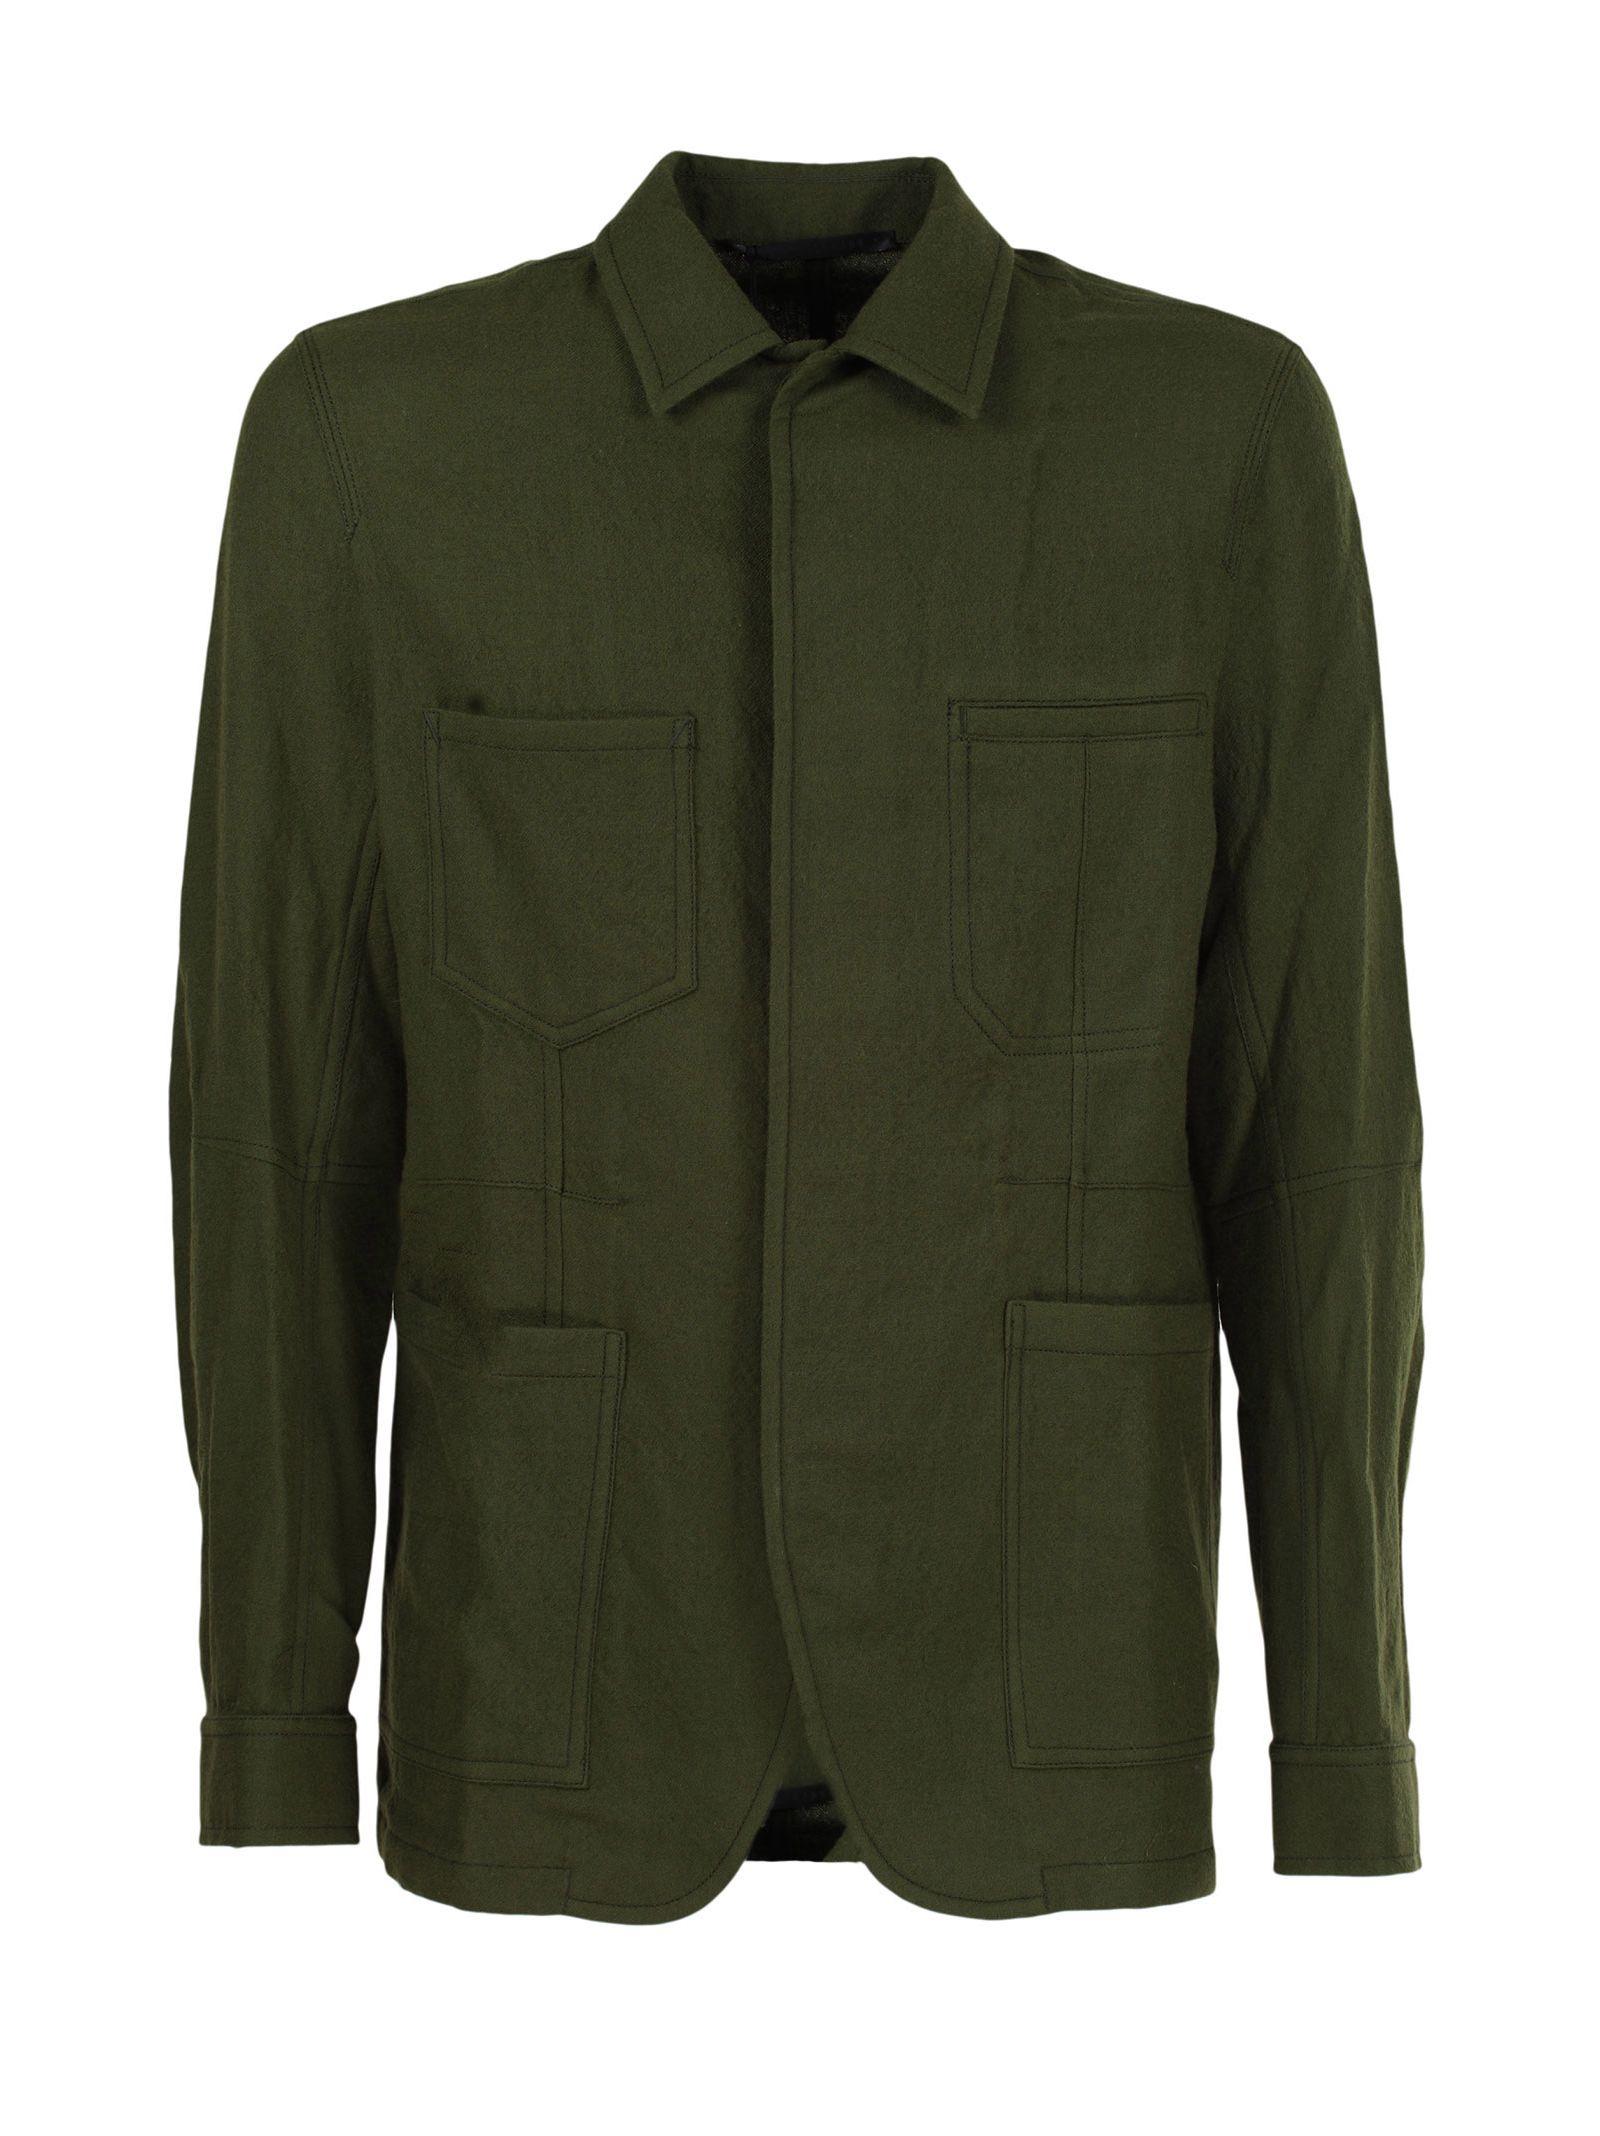 Haider Ackermann Haider Ackermann Fitted Workwear Shirt